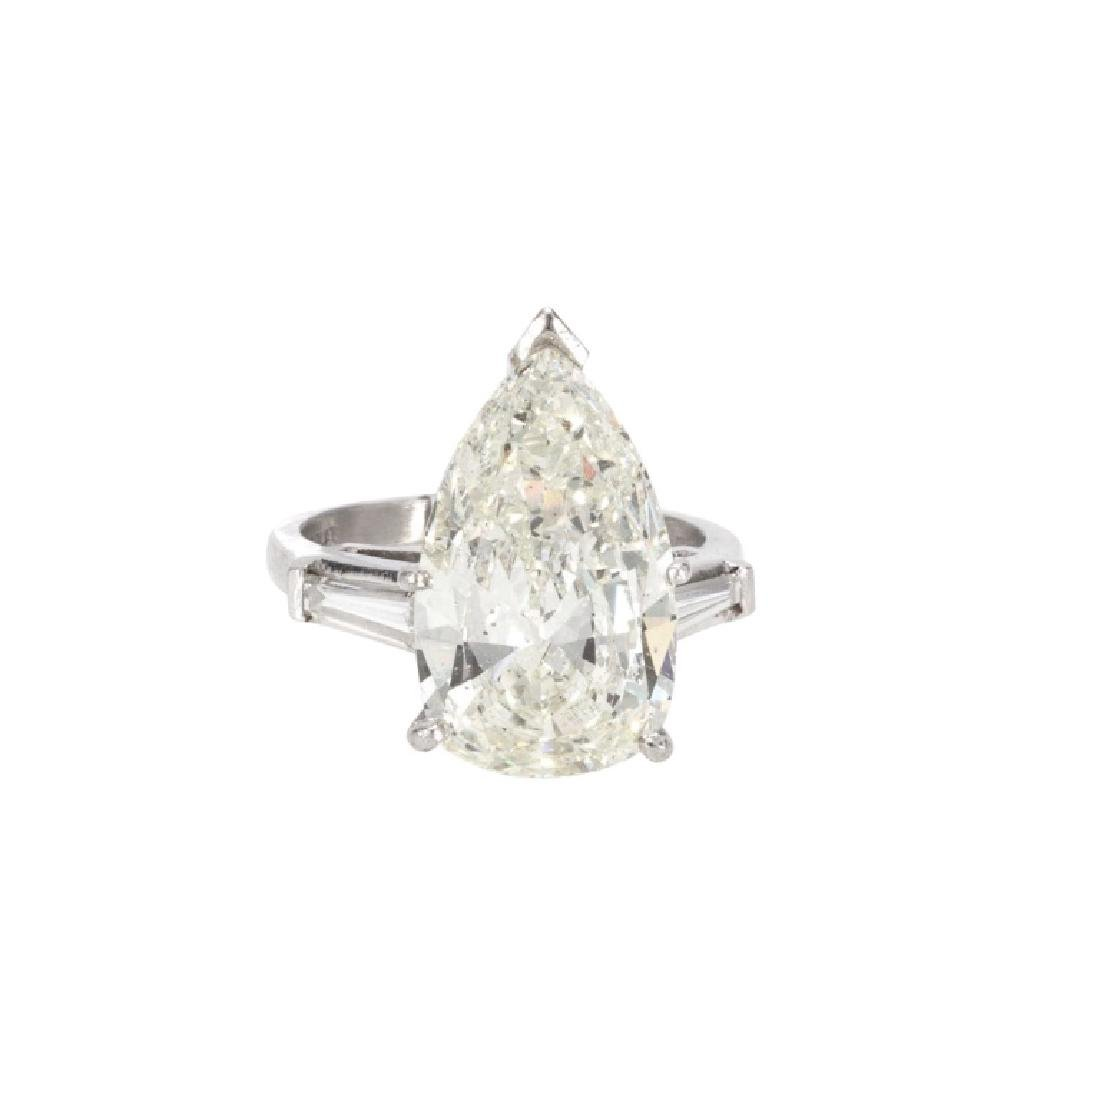 Ladies Platinum 5.66 Carat Pear Diamond Ring